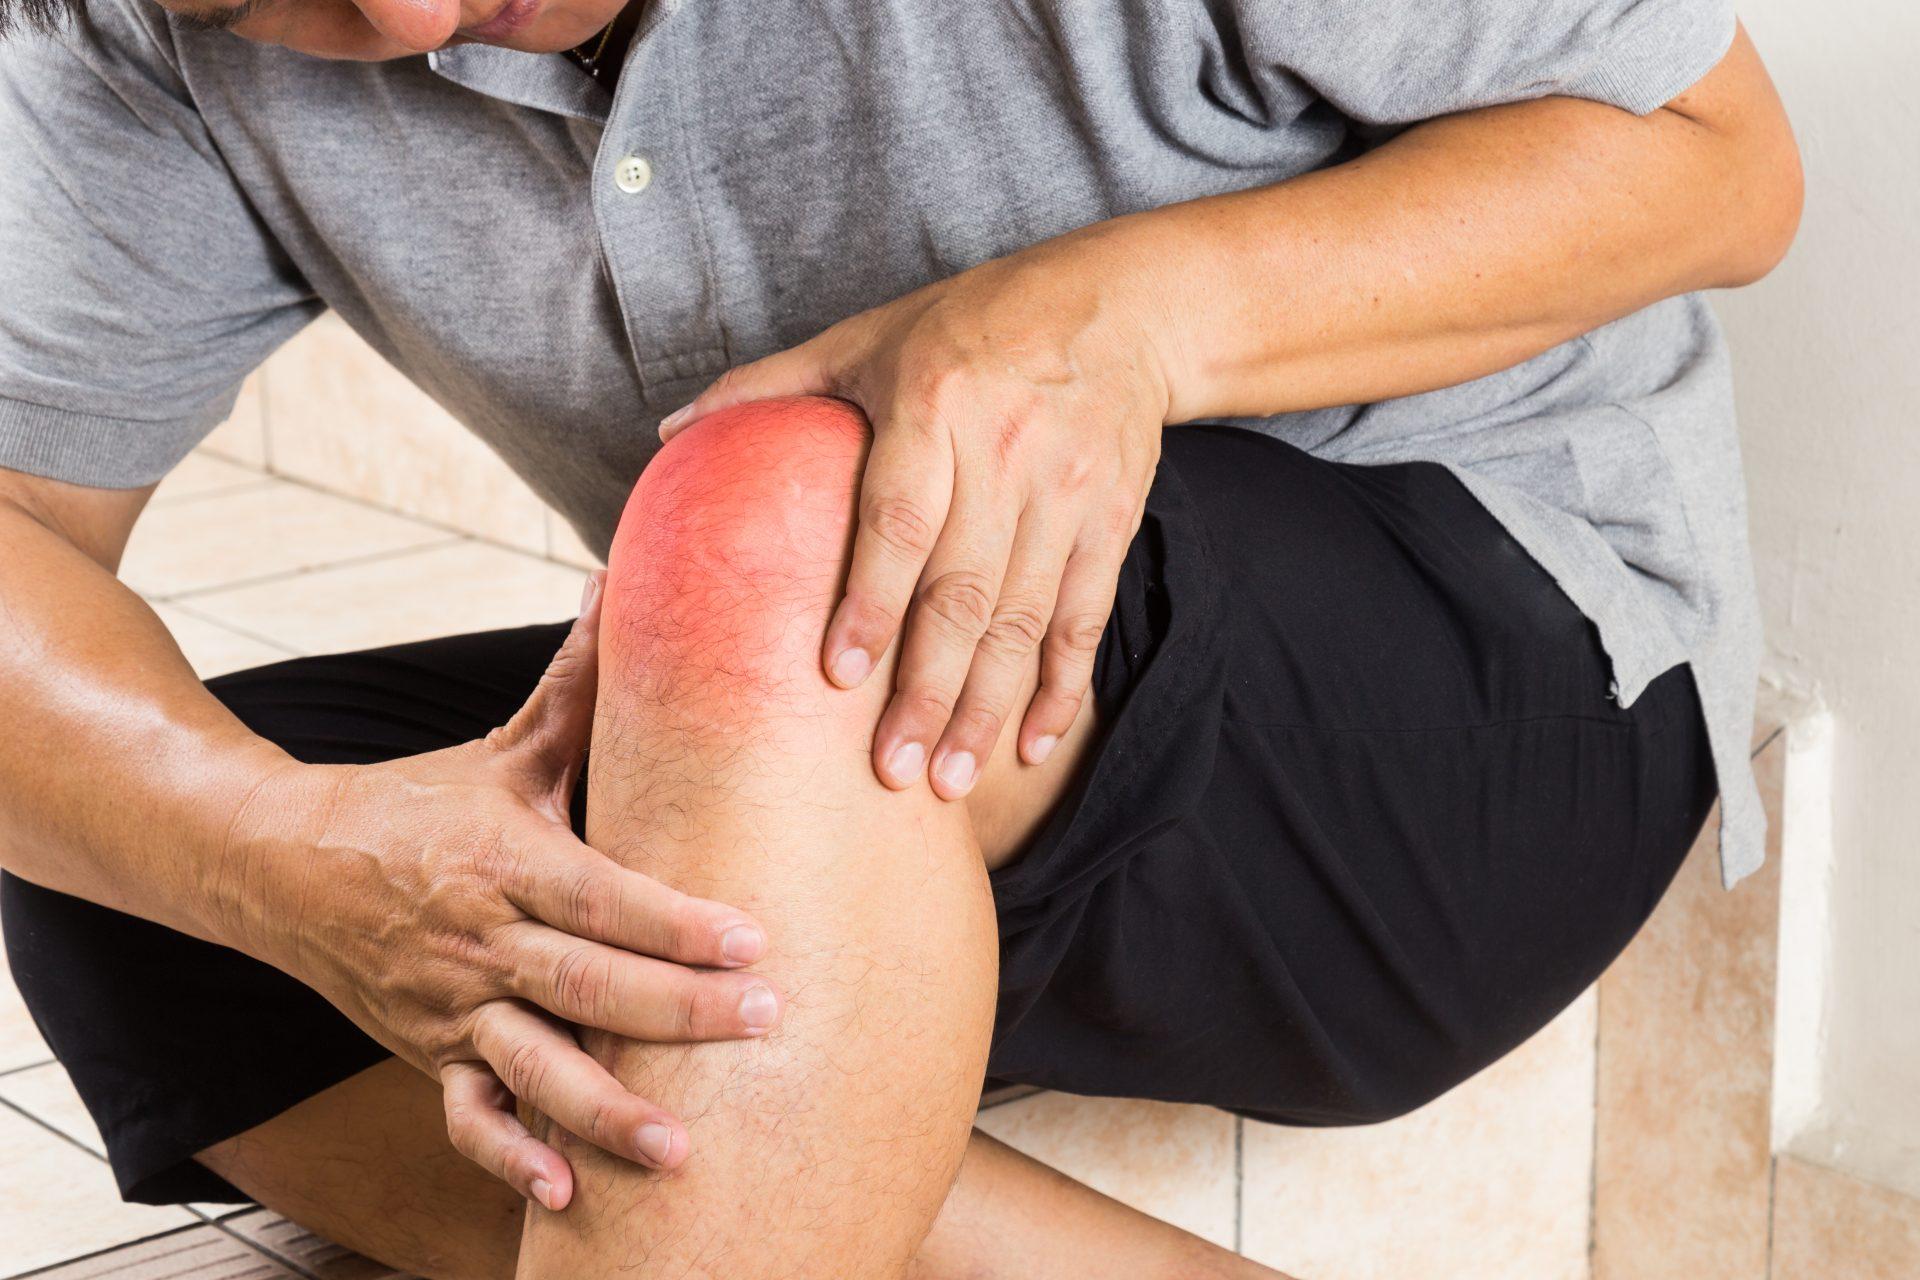 چگونه درد زانو را کاهش دهیم و این مشکل را حل کنیم؟